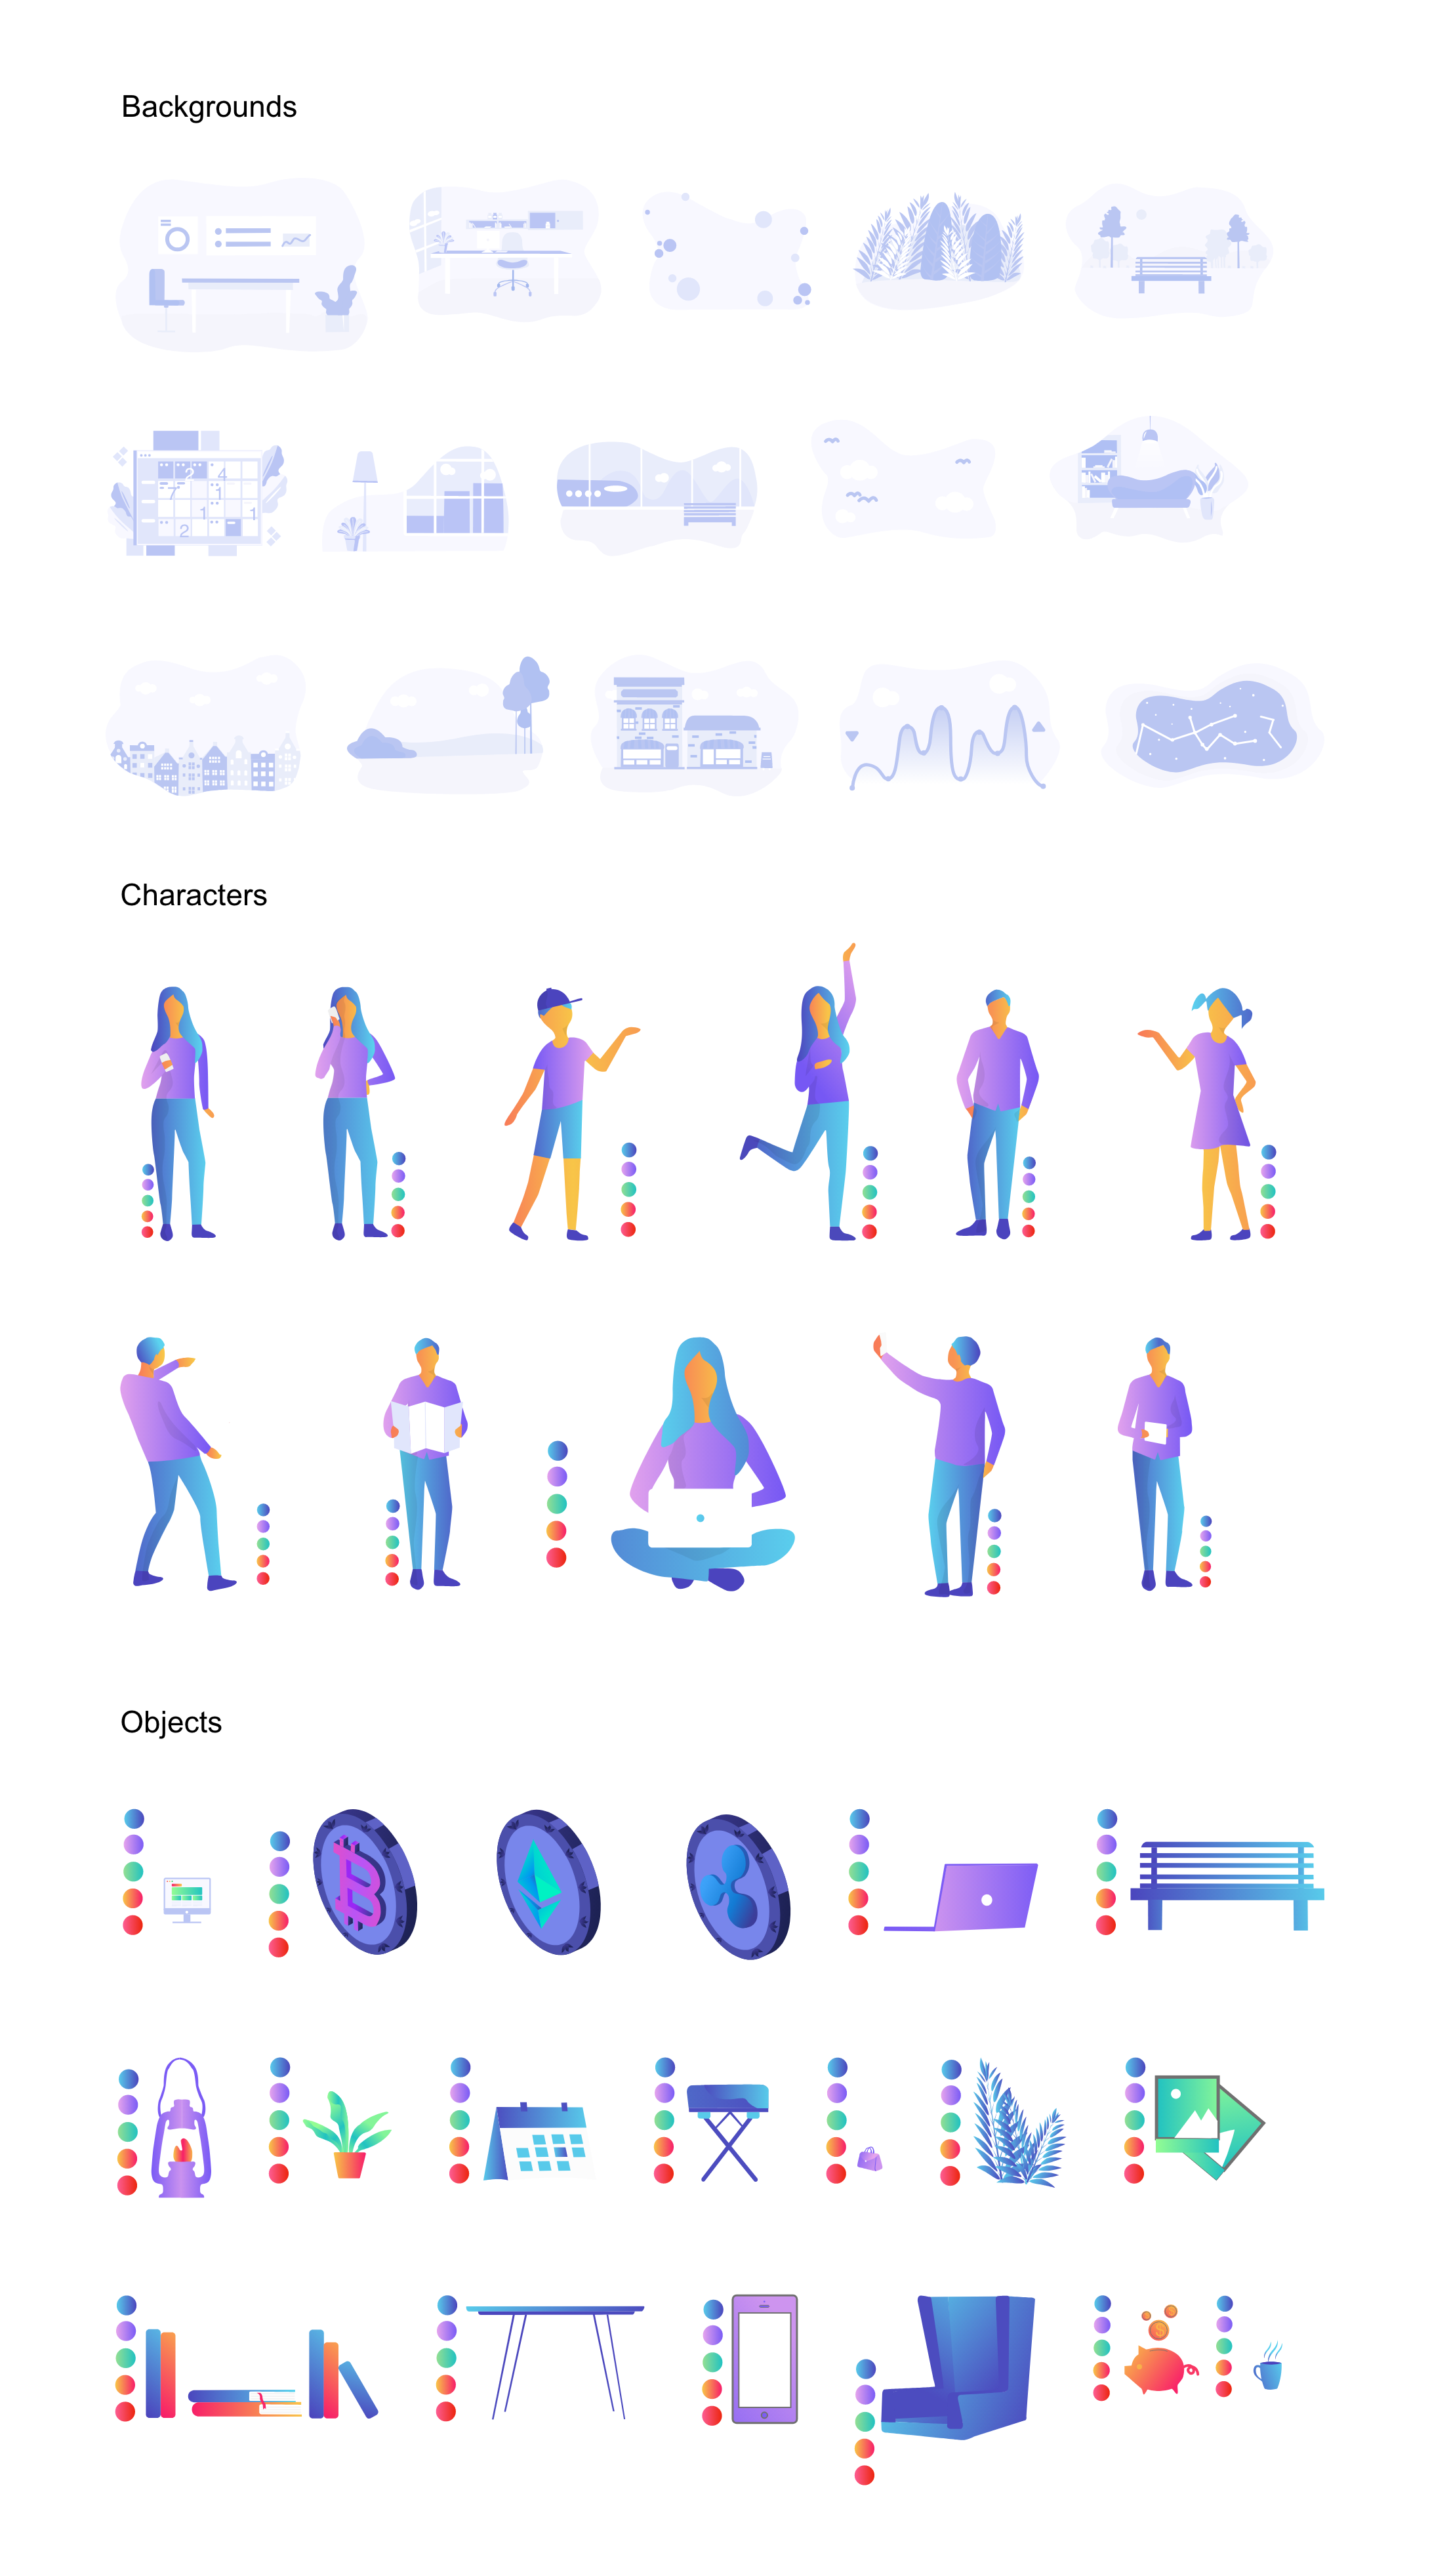 场景插画源文件,插画分层源文件,可以随意组合,UI插画,sketch源文件